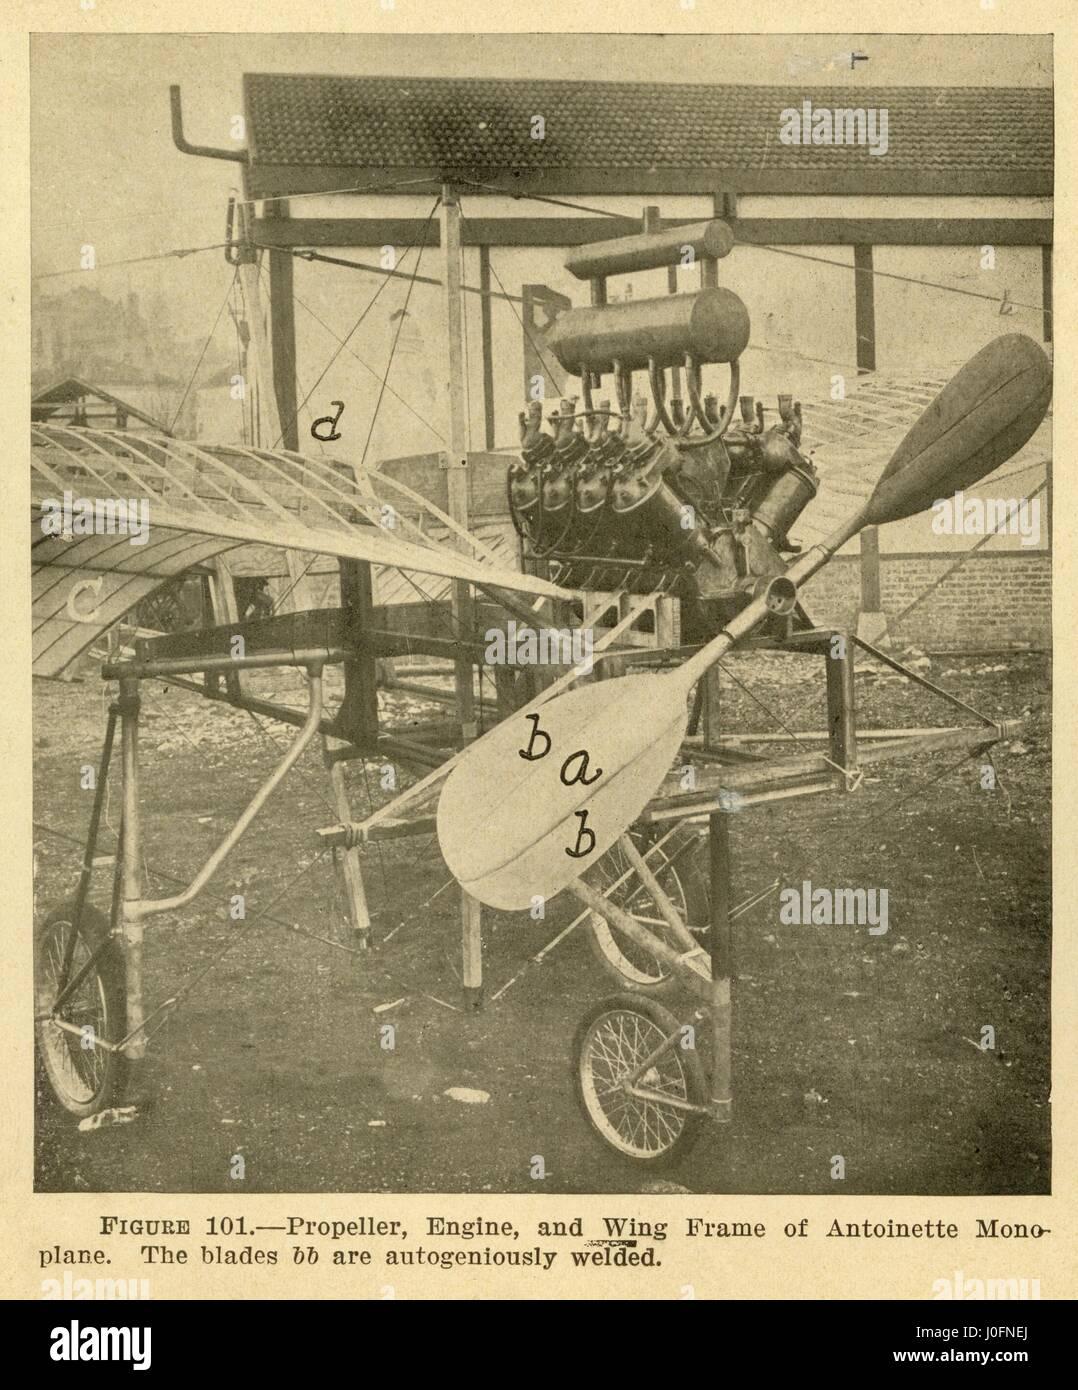 L'hélice, le moteur et le châssis de l'aile d'un avion monoplan Antoinette Banque D'Images